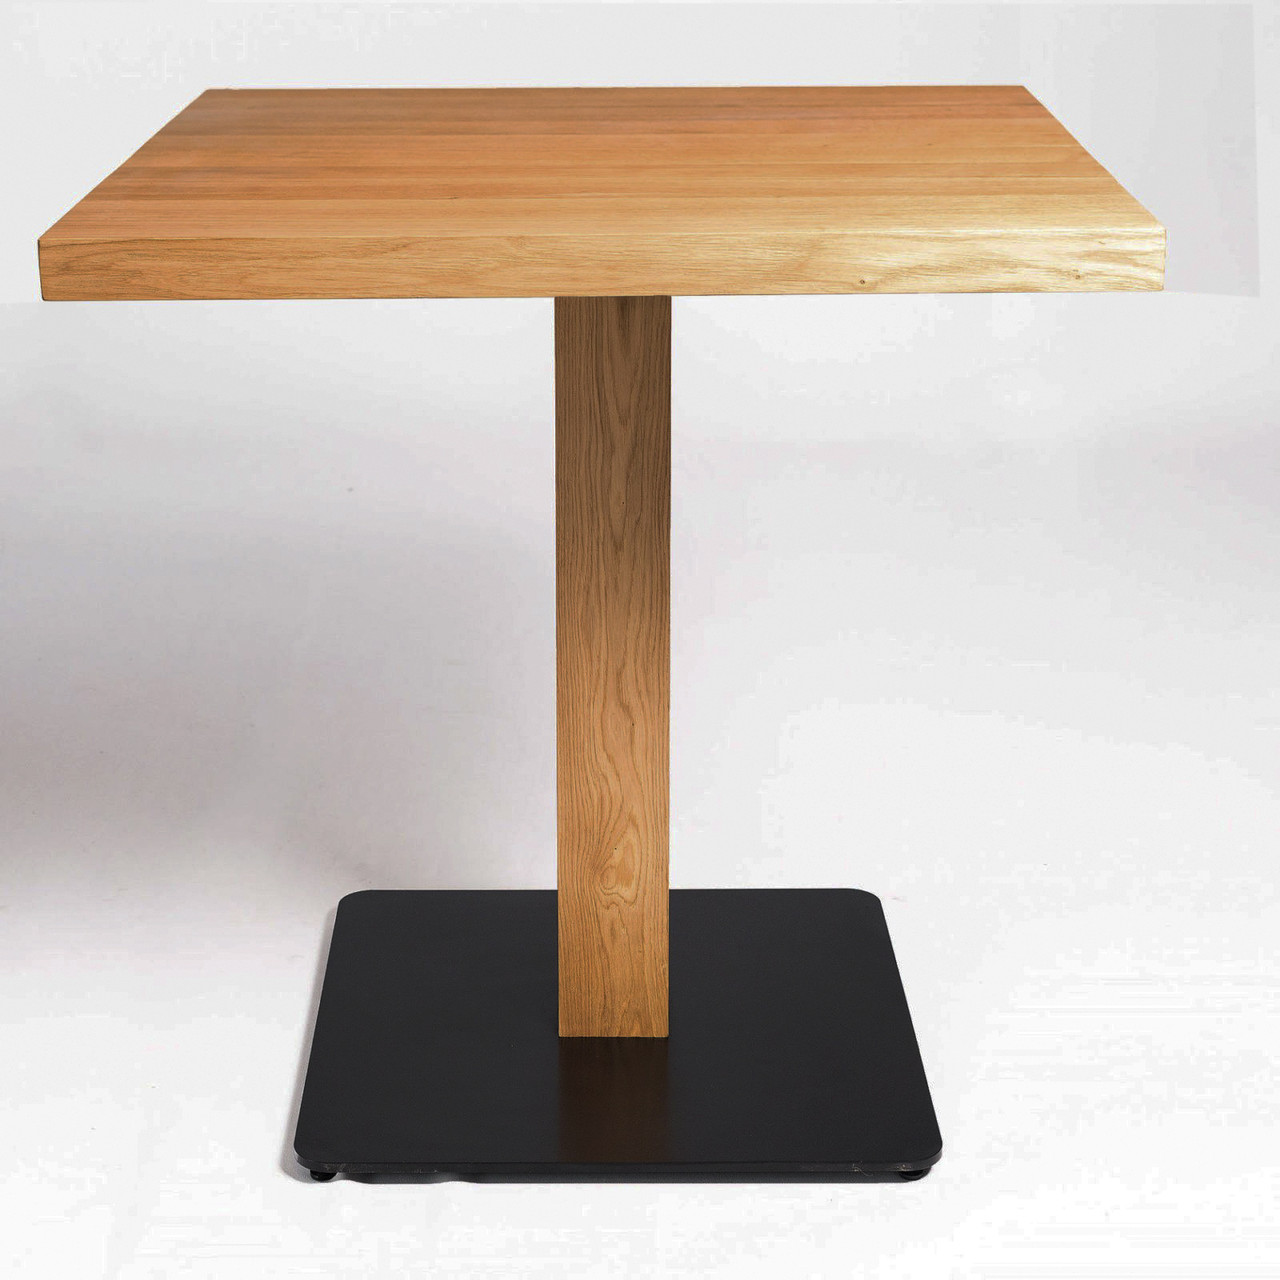 Мебель для кафе: деревянный столик для ресторана кафе